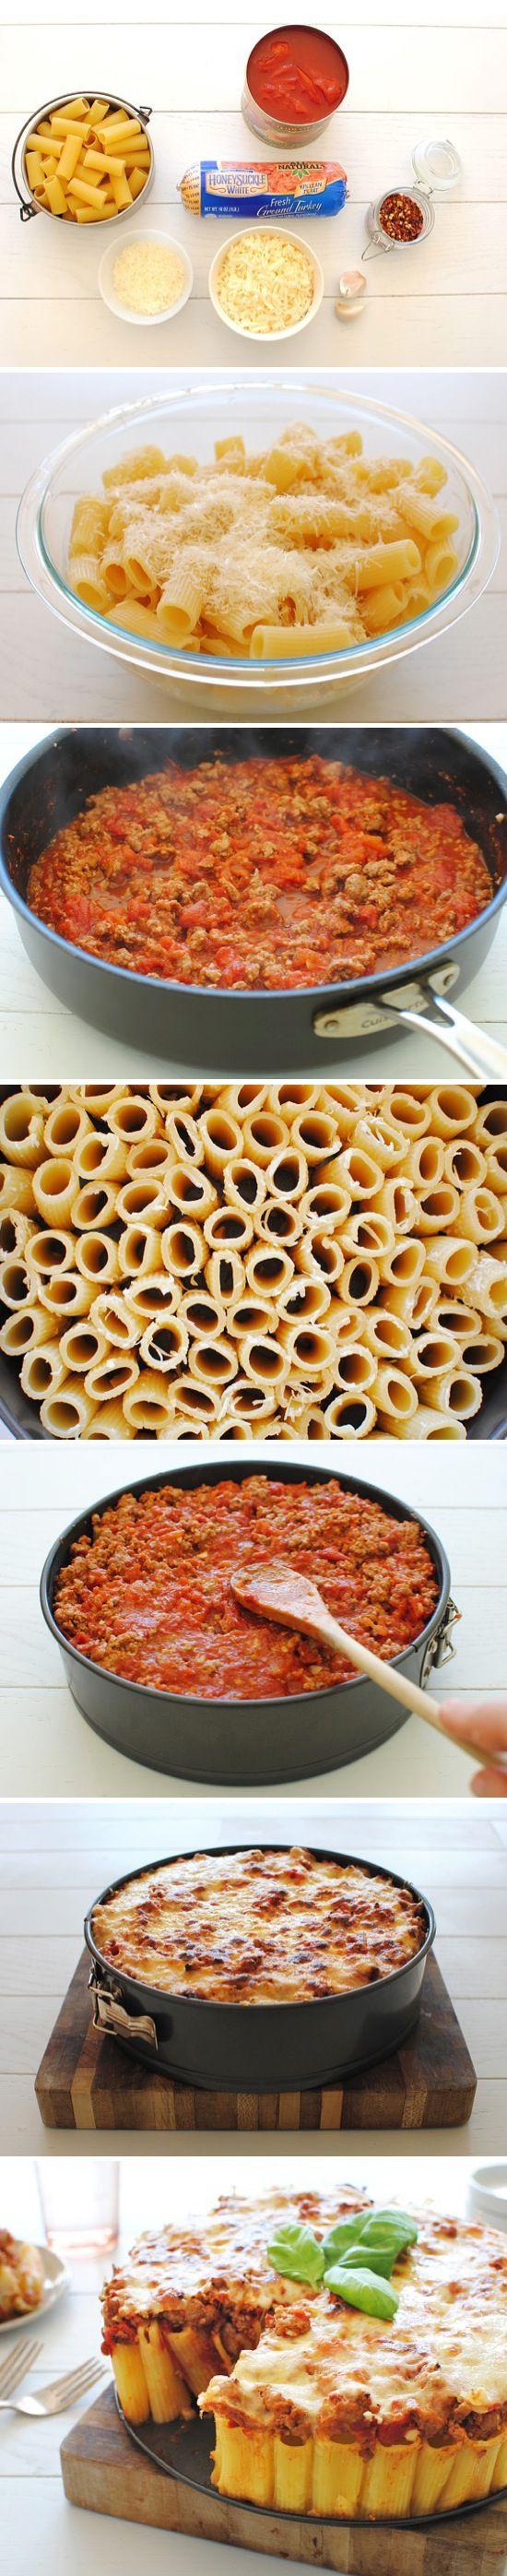 Pasta Pie #recipe #pasta